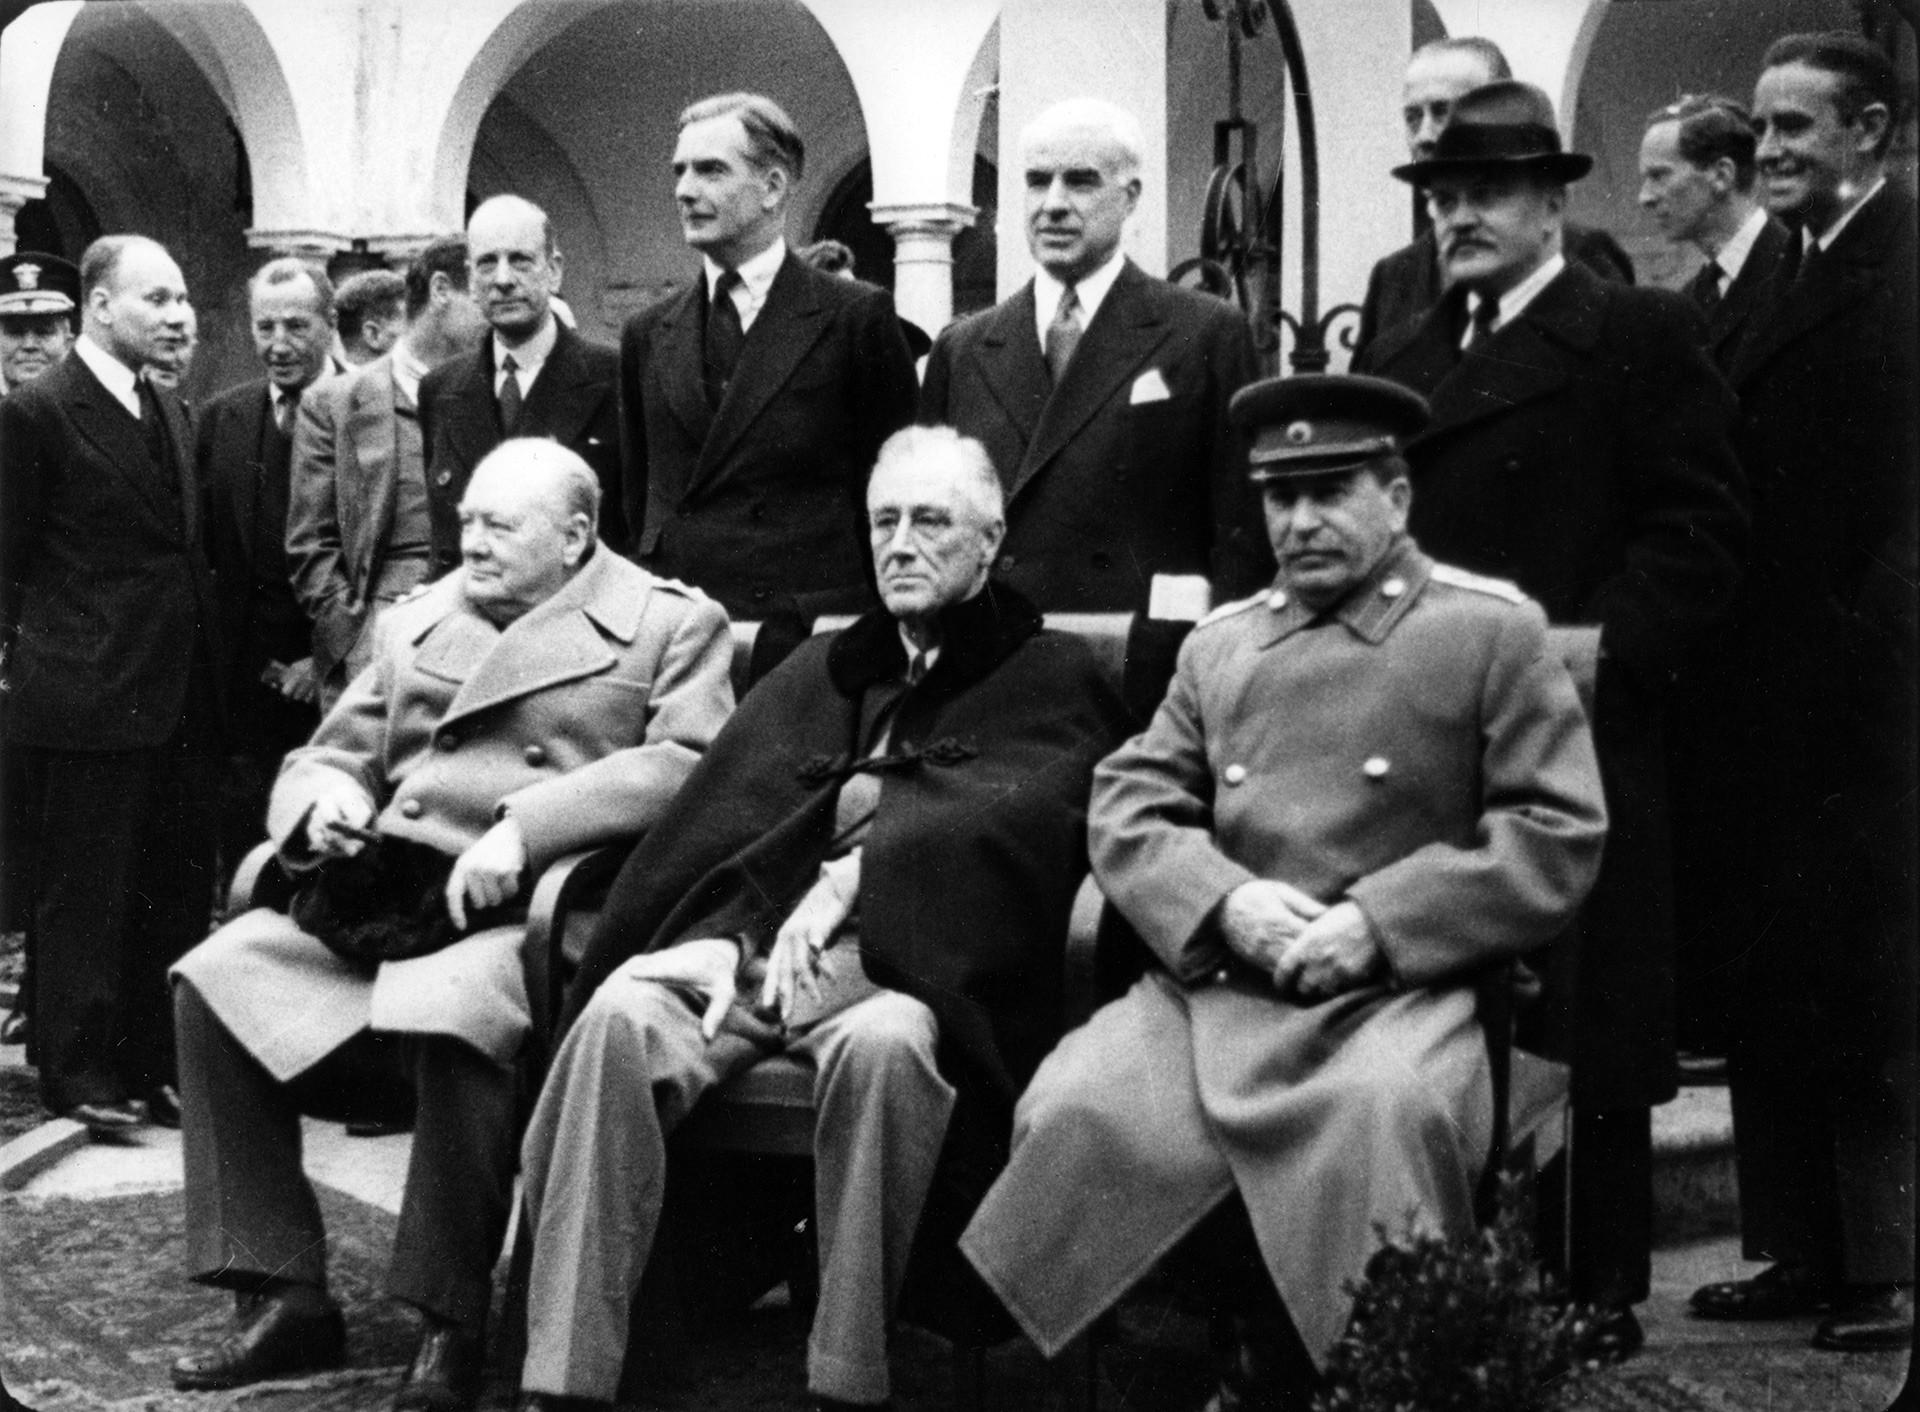 Konferenz von Jalta, 1945